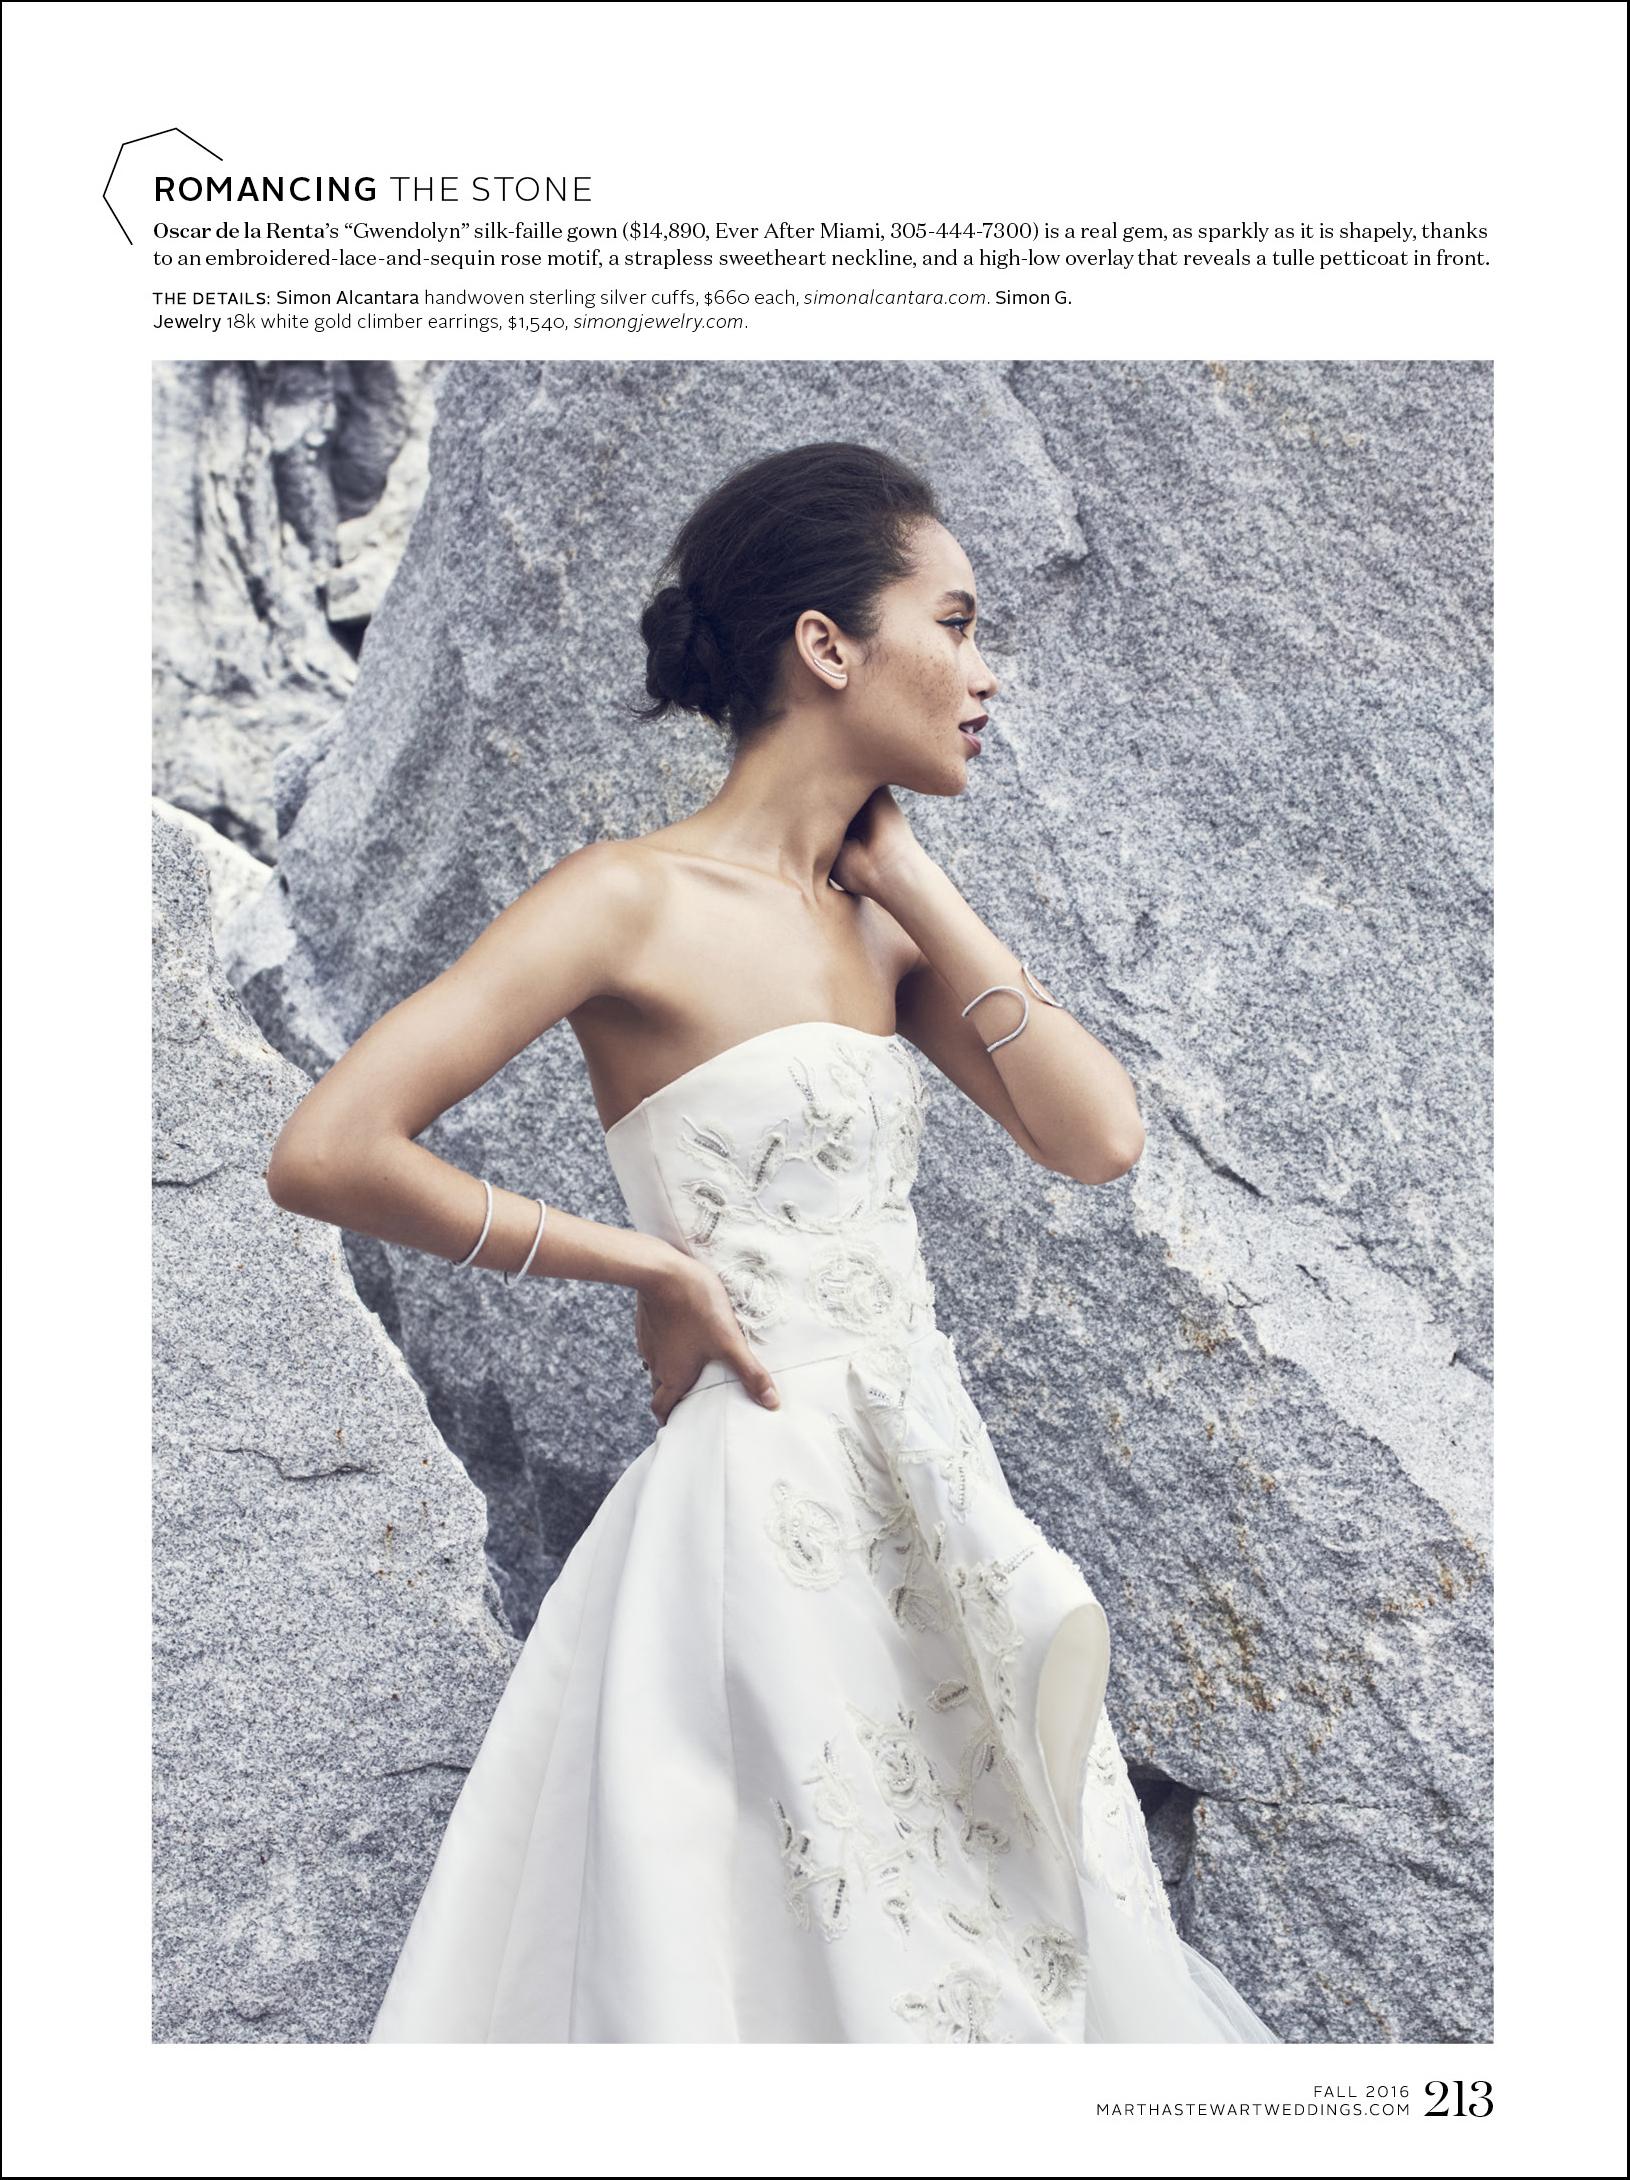 MARTHA STEWART WEDDINGS FALL 2016 ISSUE